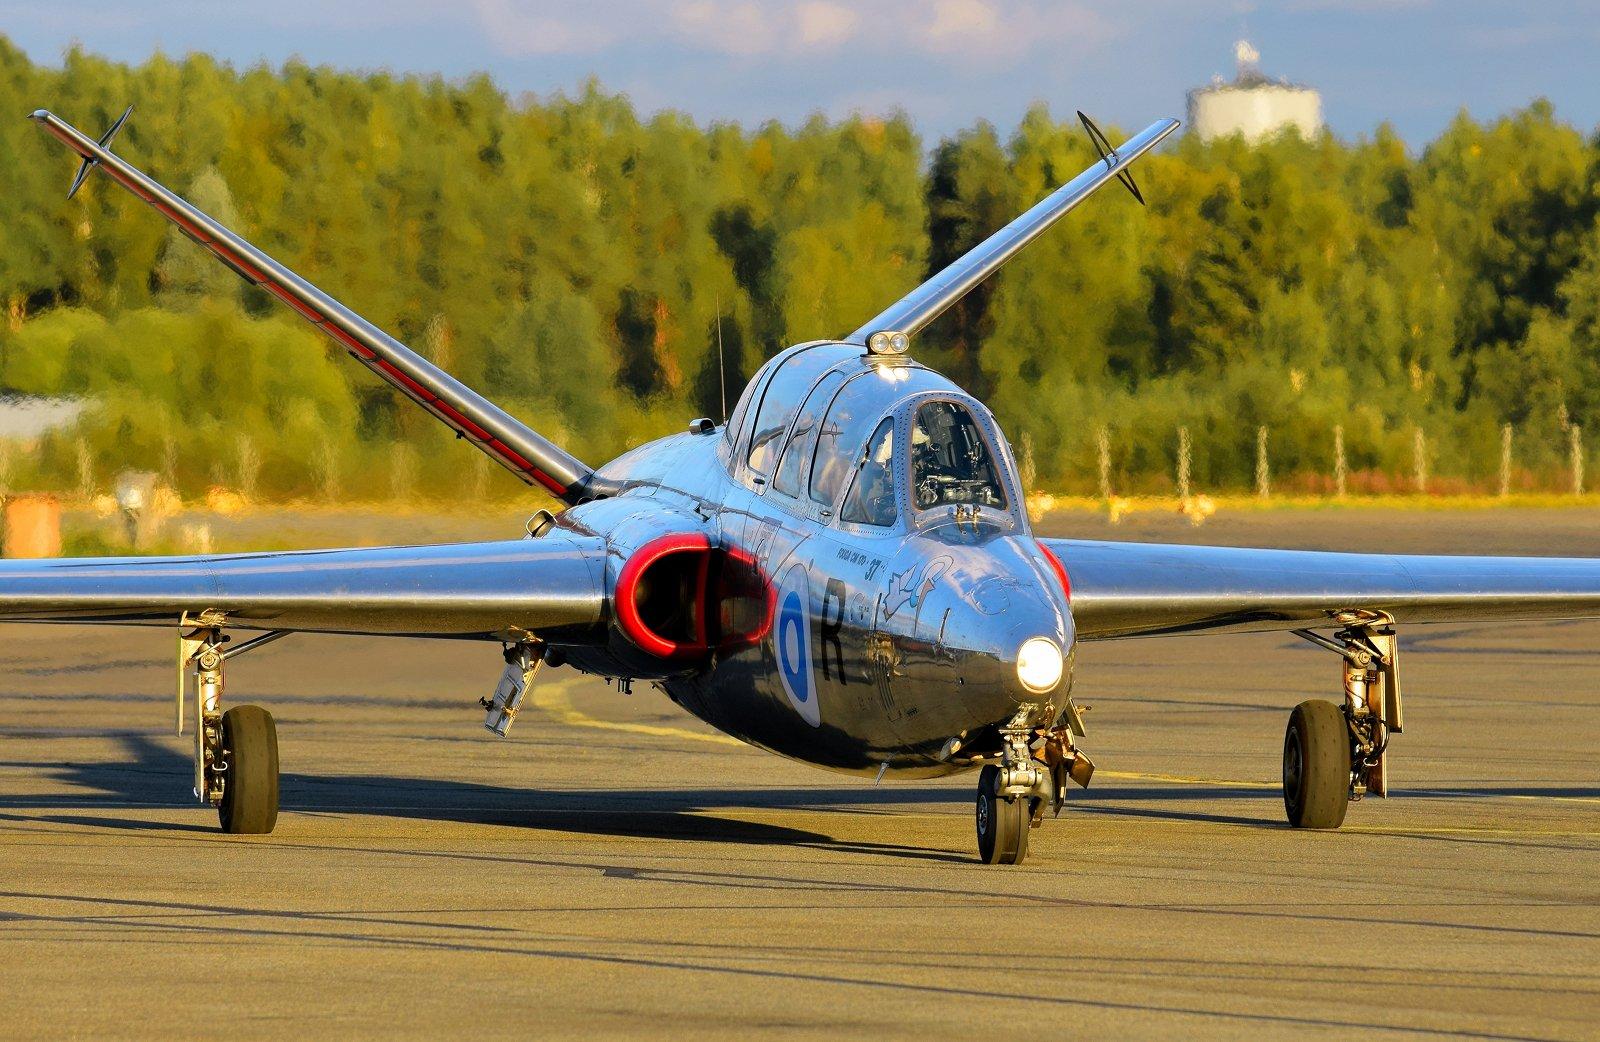 OH-FMA - Fouga CM.170 Magister - 29.8.2020